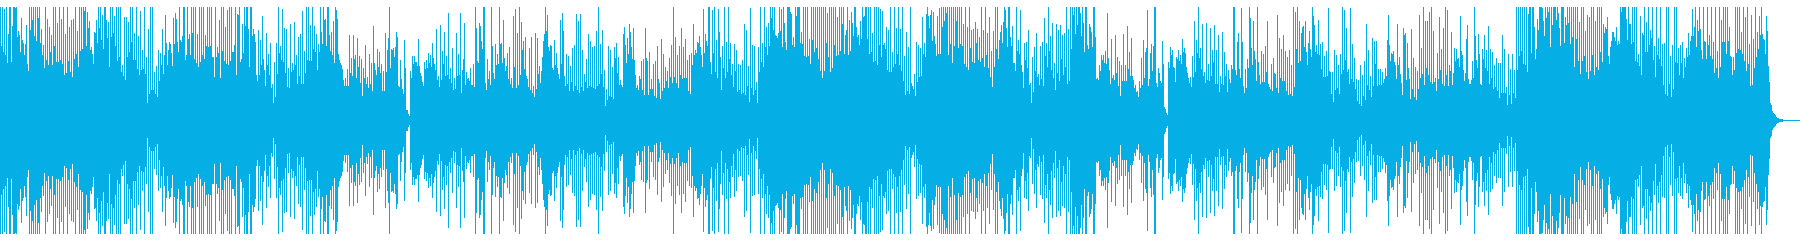 機械音楽ですの再生済みの波形